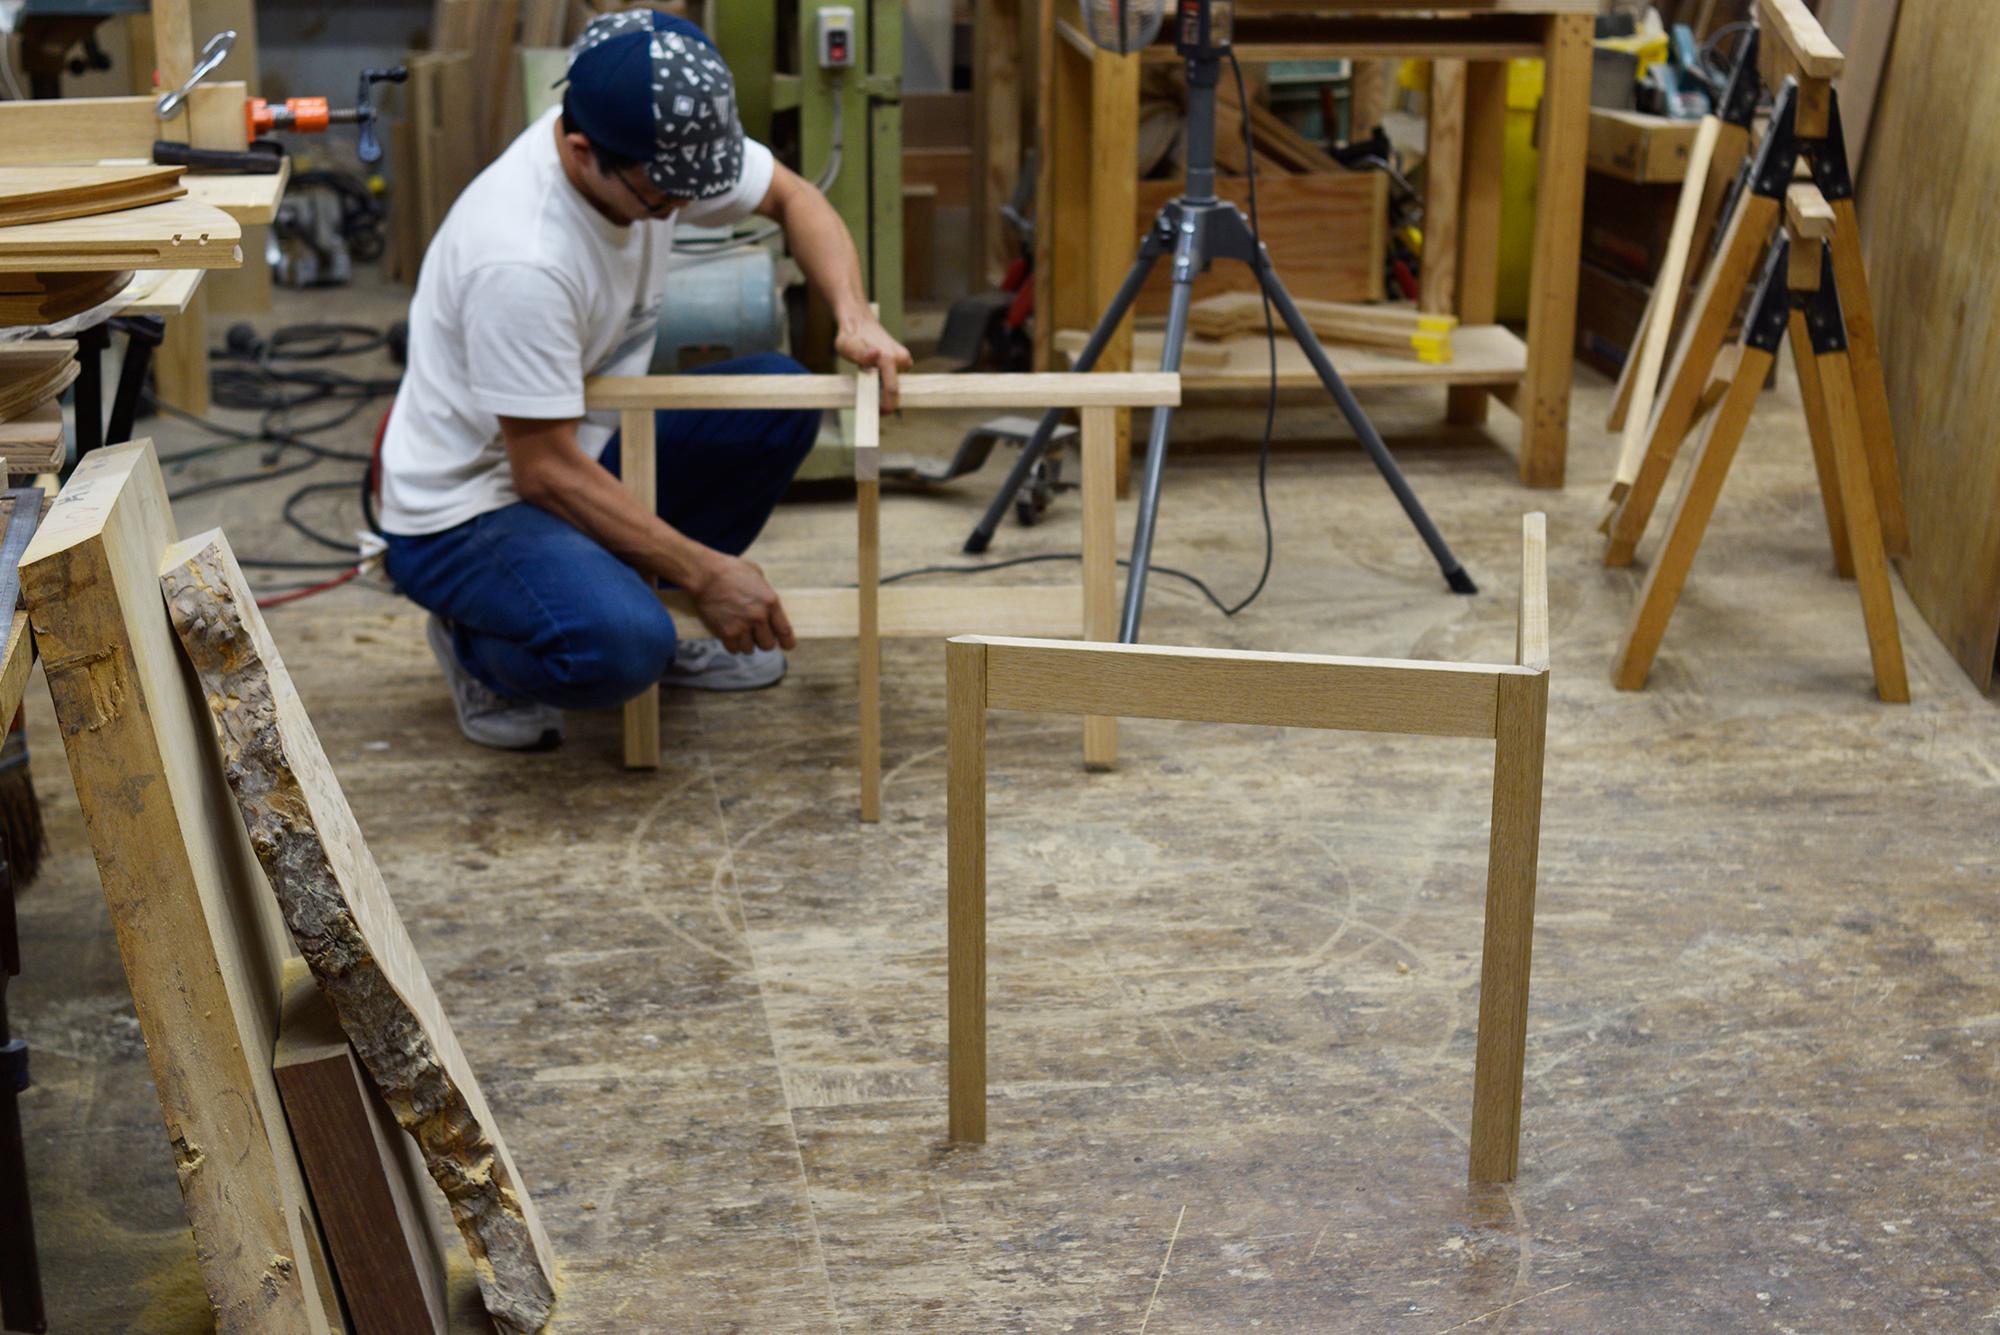 折りたたみテーブル用の脚、試作中の2種類